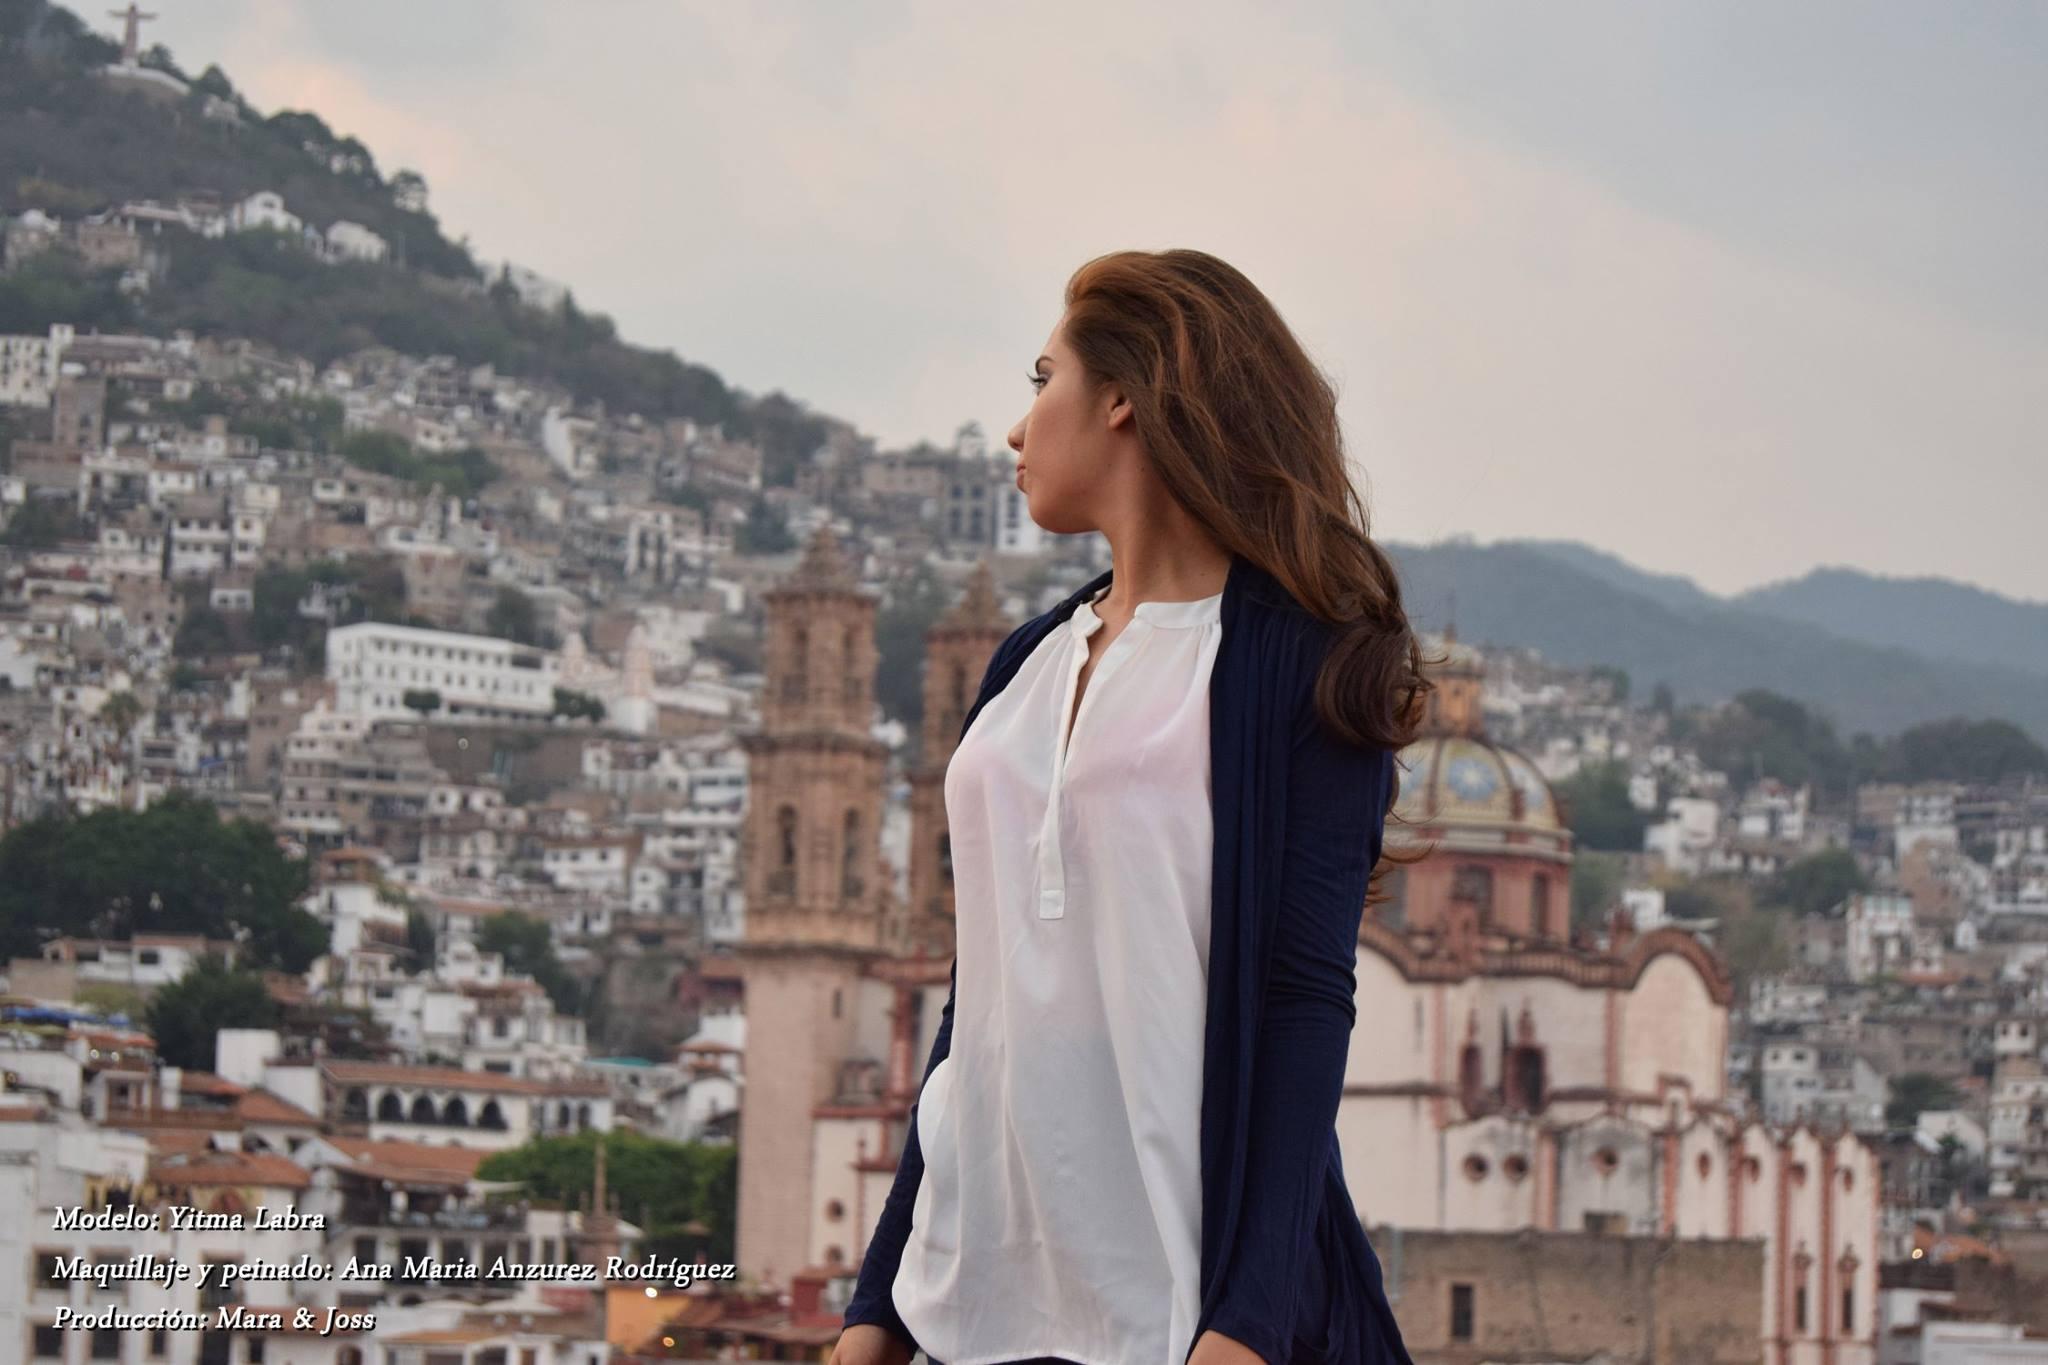 Mujer volteando atrás con blusa blanca y Taxco en el fondo